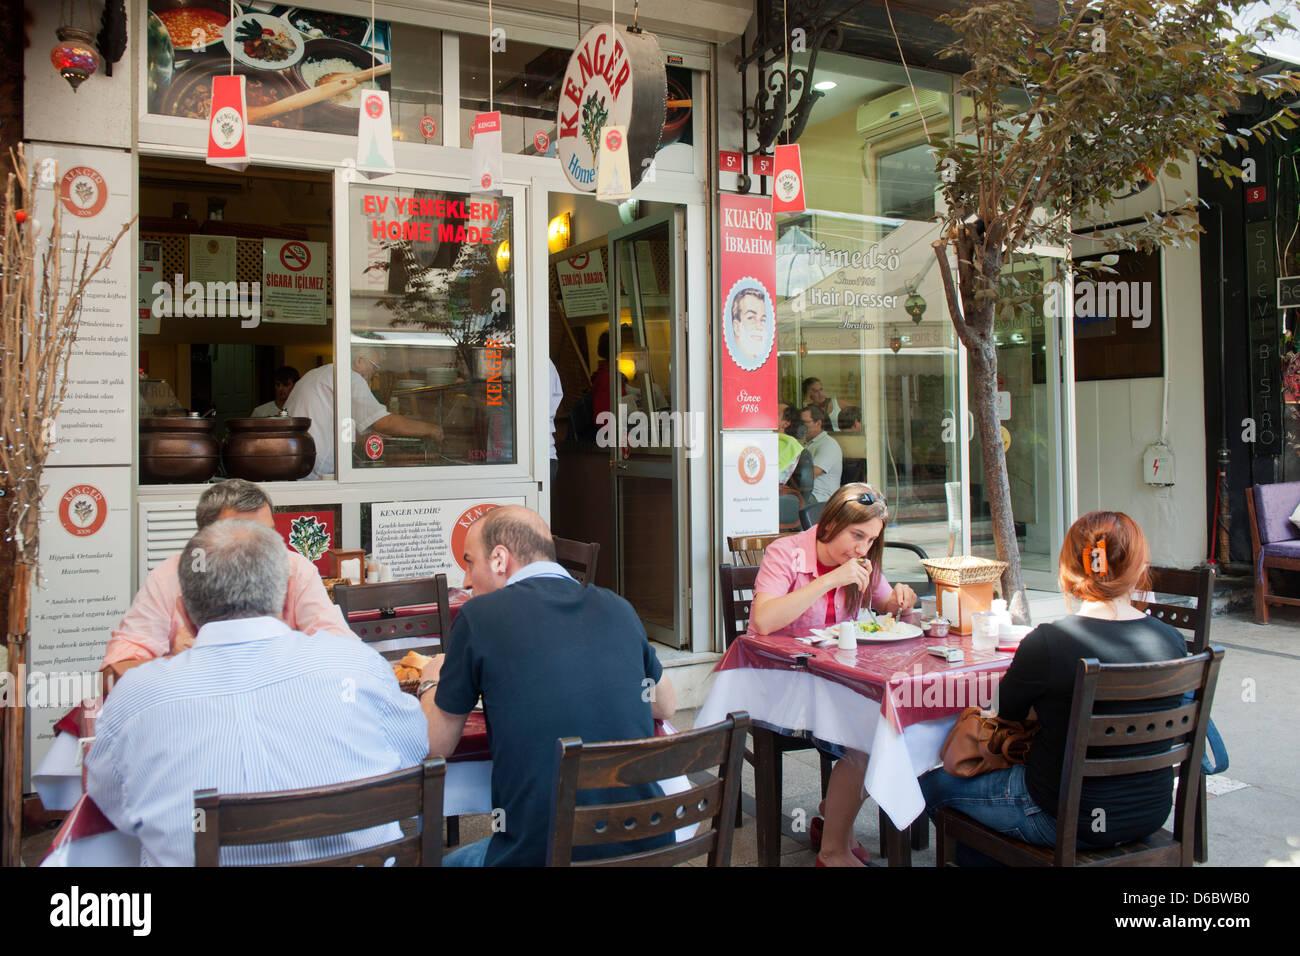 Gastronomie Lokal Restaurant Cafe Bar Bistro Gaststaette Gaststätte ...